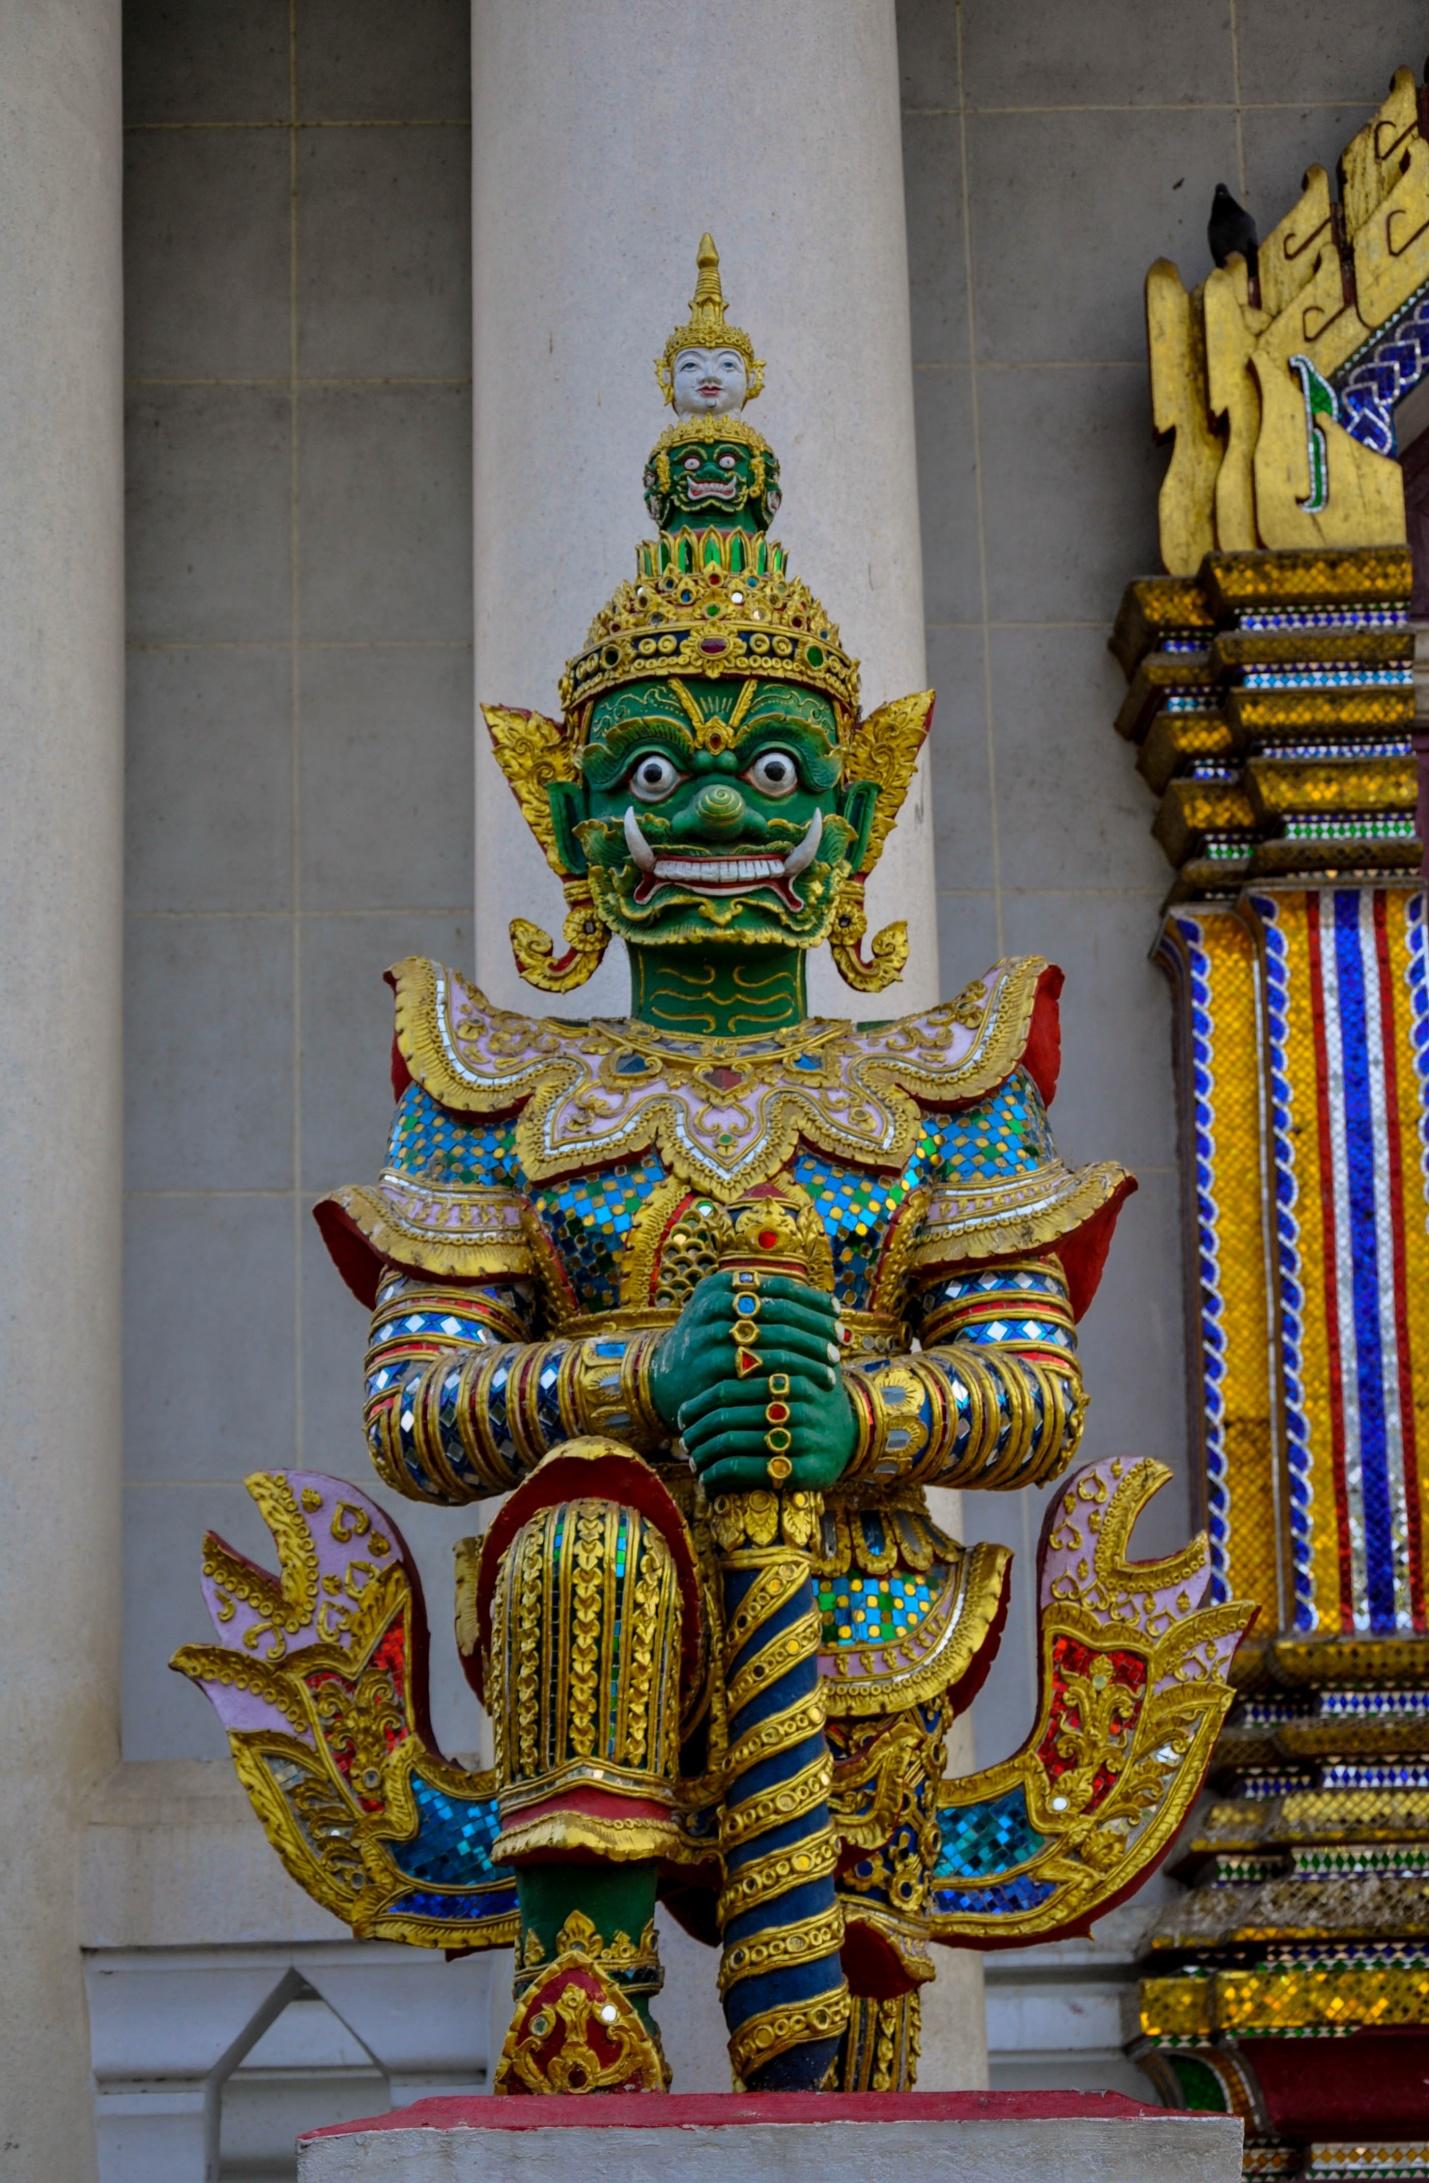 Статуя на входе в тайский храм, Бодхгая, Индия